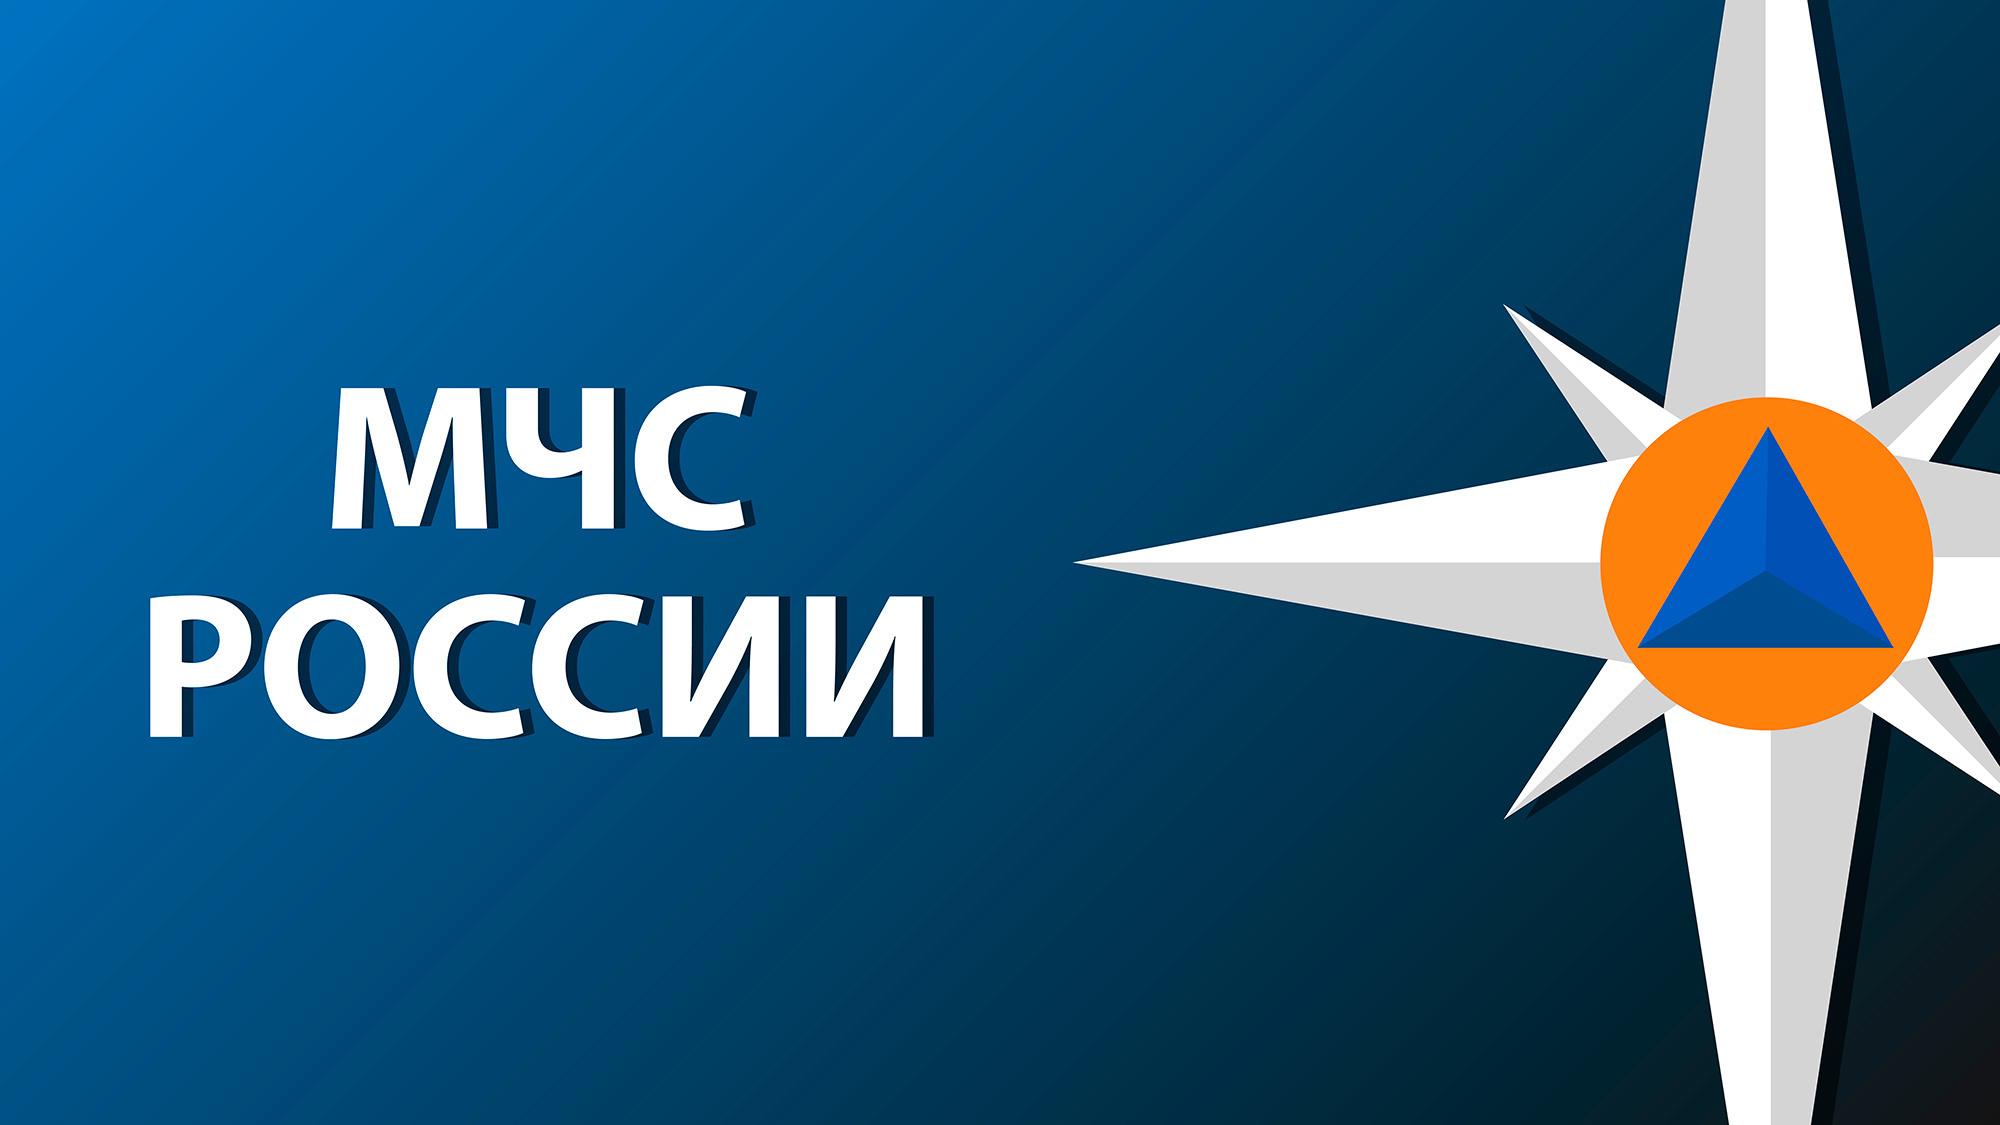 Оперативная обстановка  в  МО Крымский район, Краснодарского края